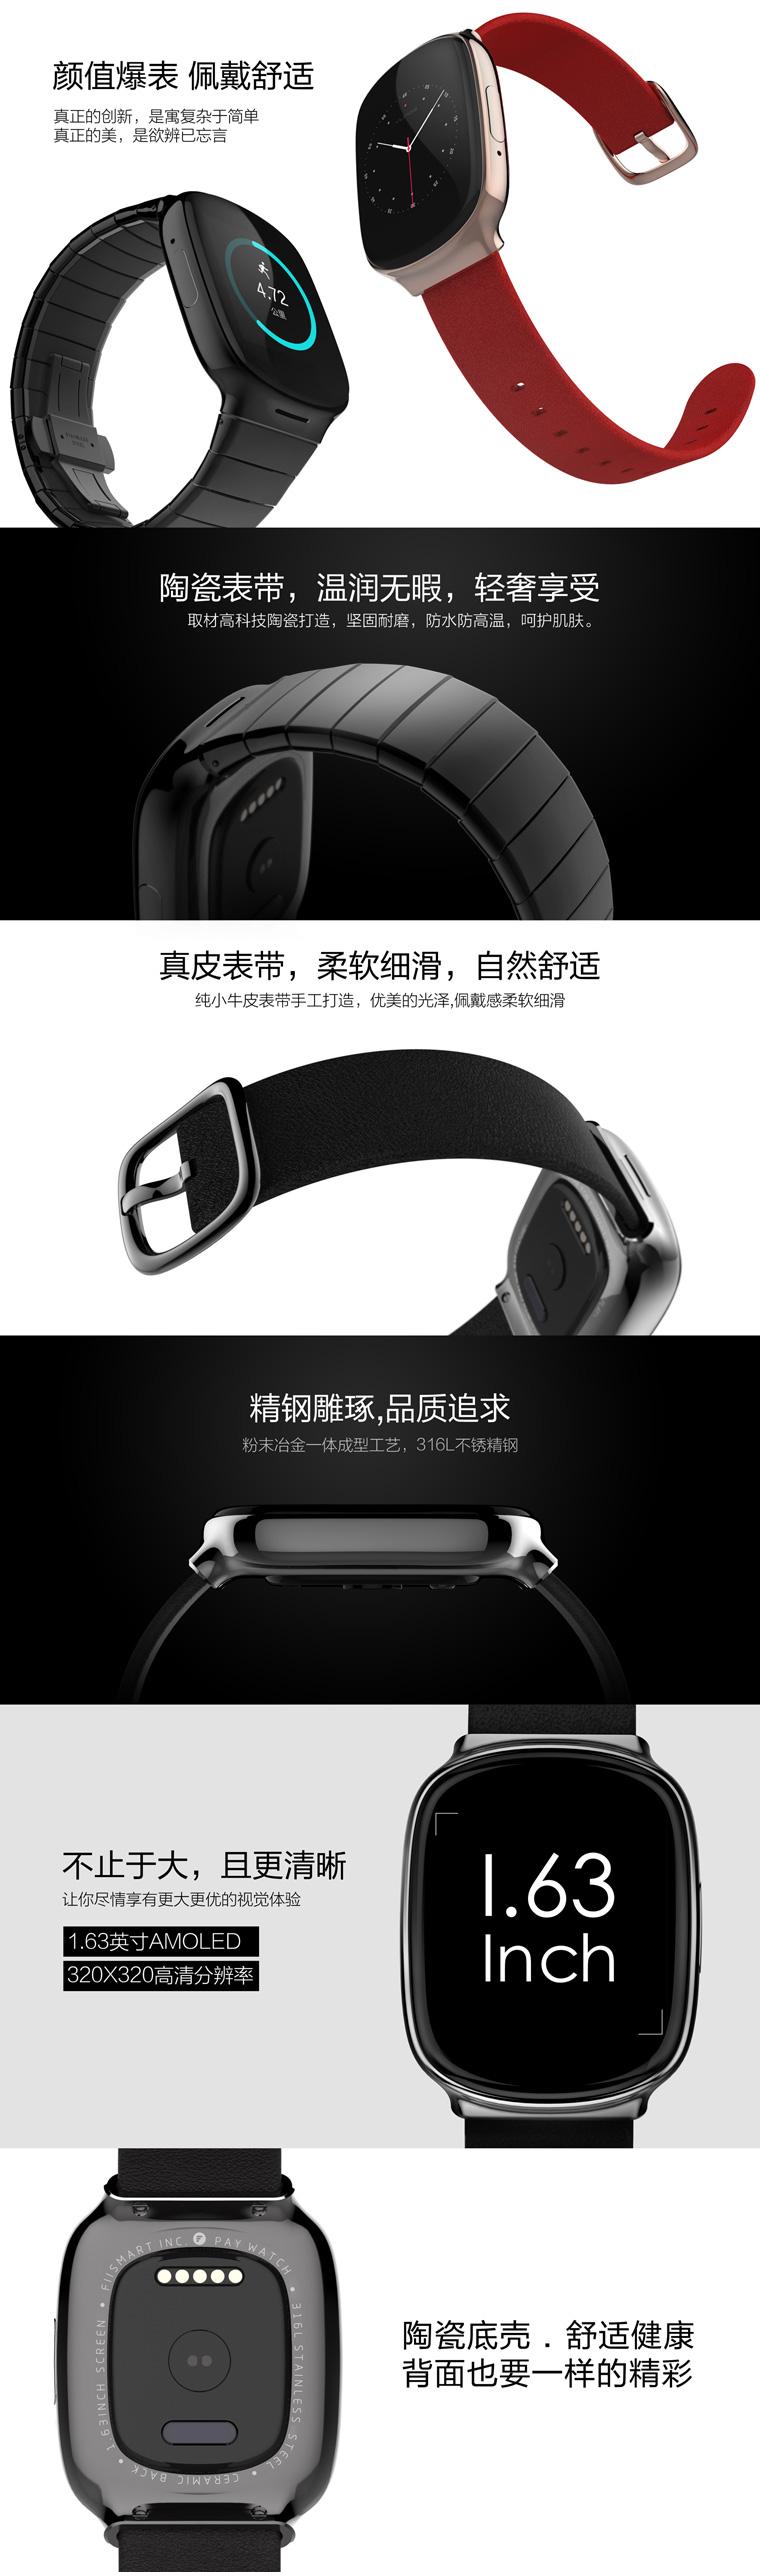 PAY WATCH可支付智能手表发起众筹 无需网络1秒付款的照片 - 5